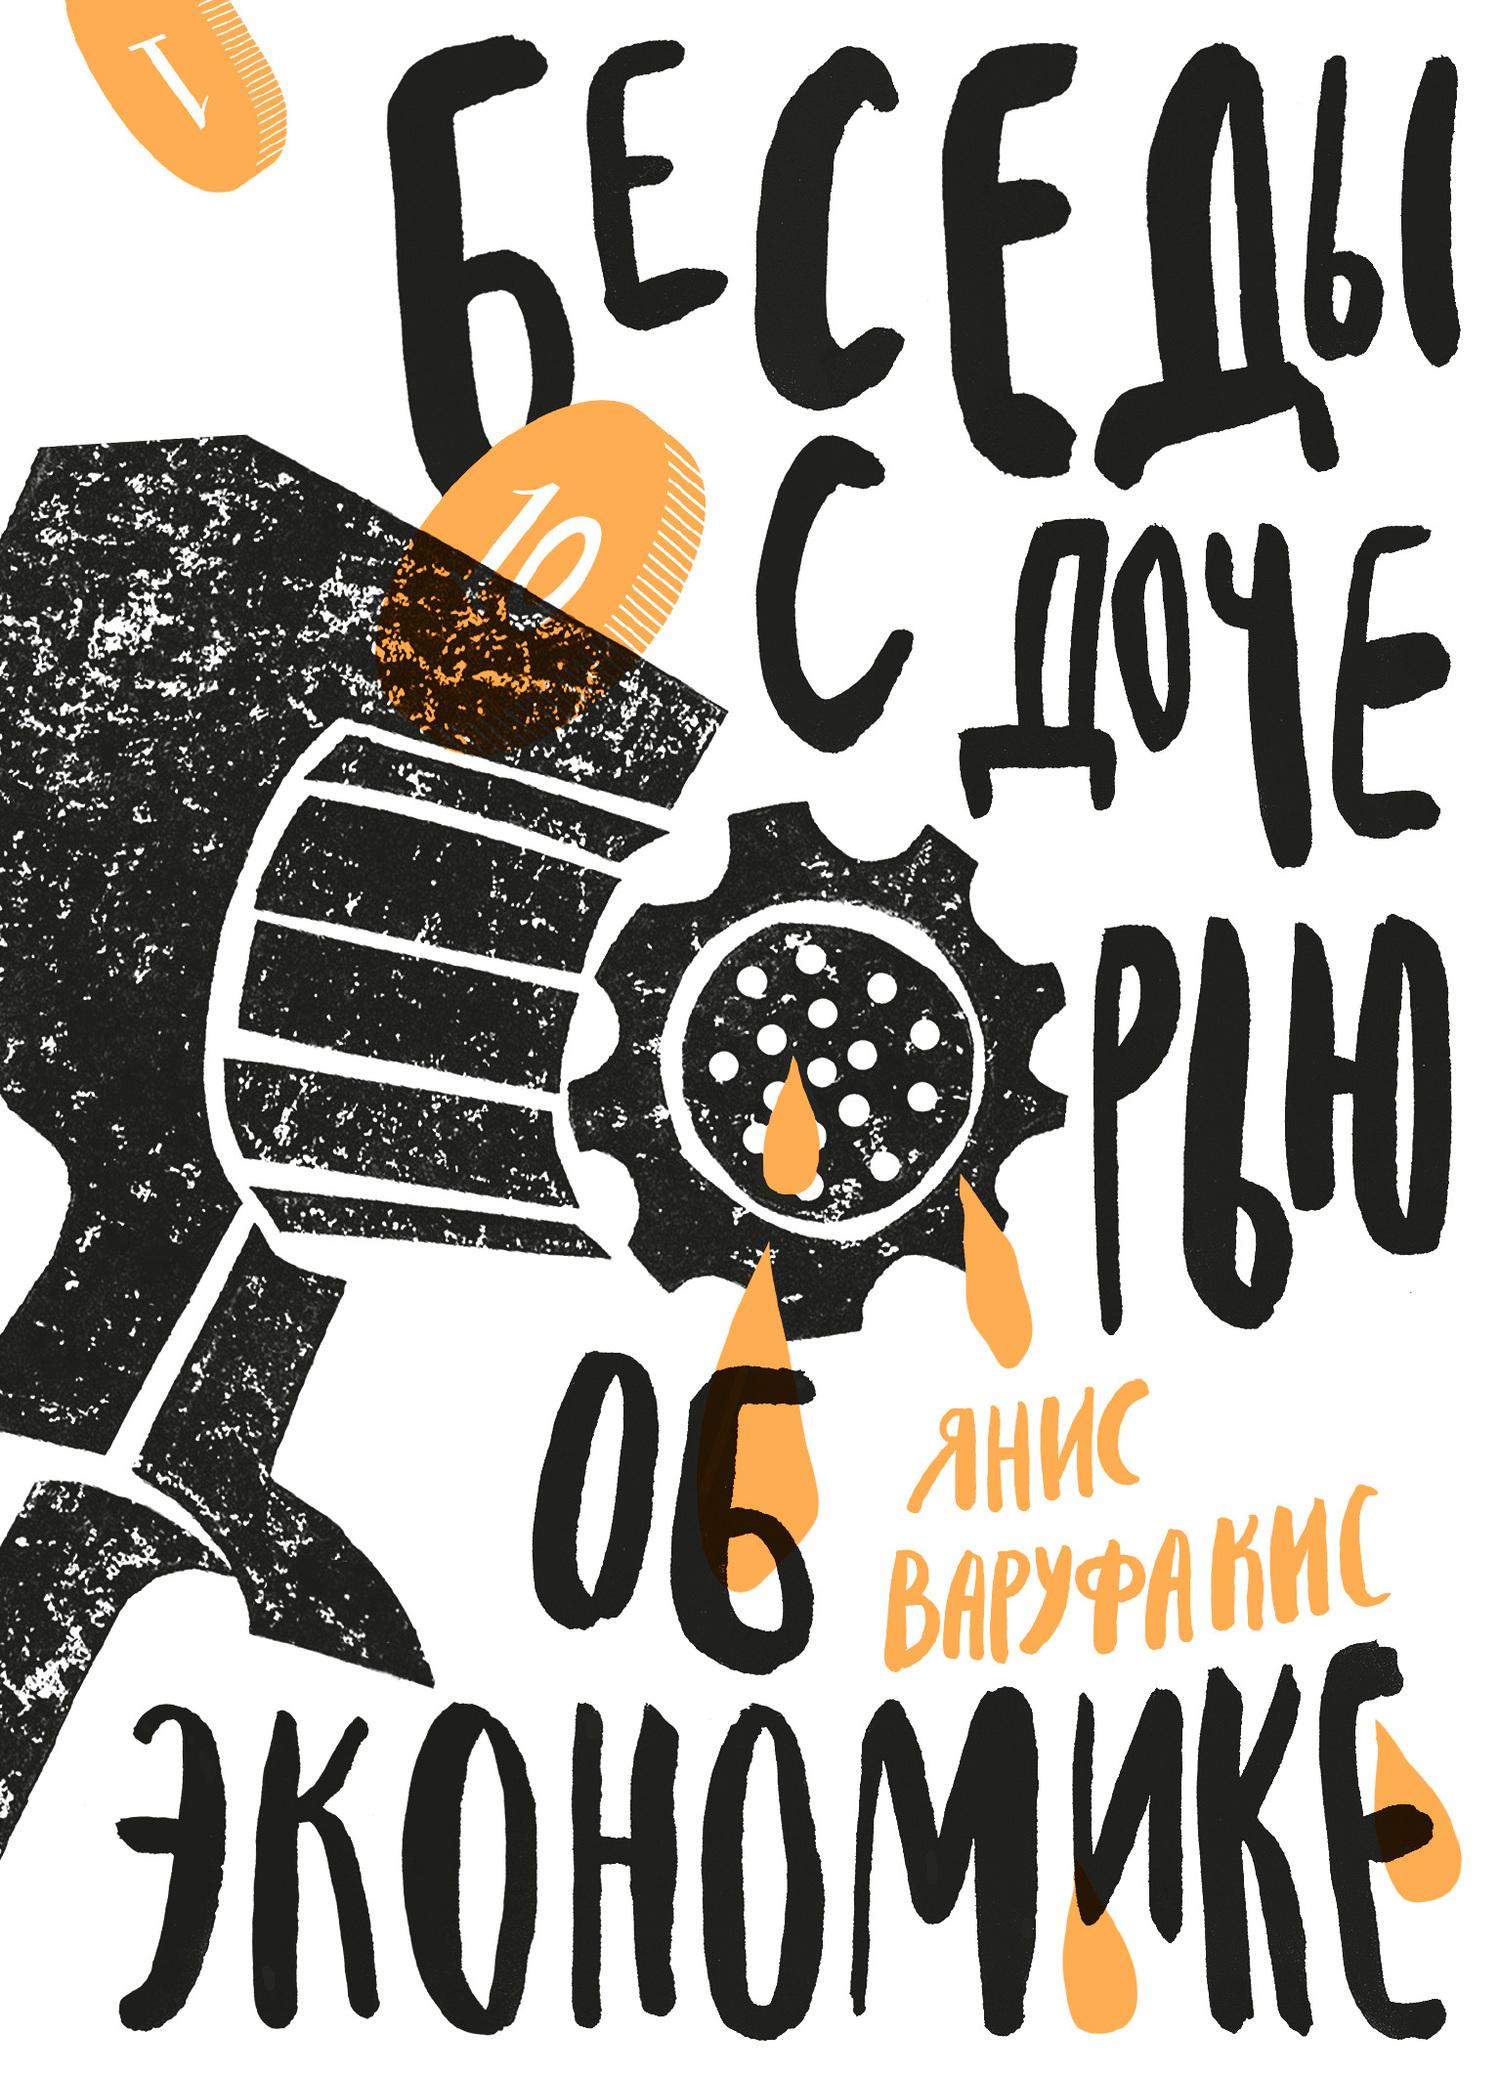 Обложка книги. Автор - Янис Варуфакис